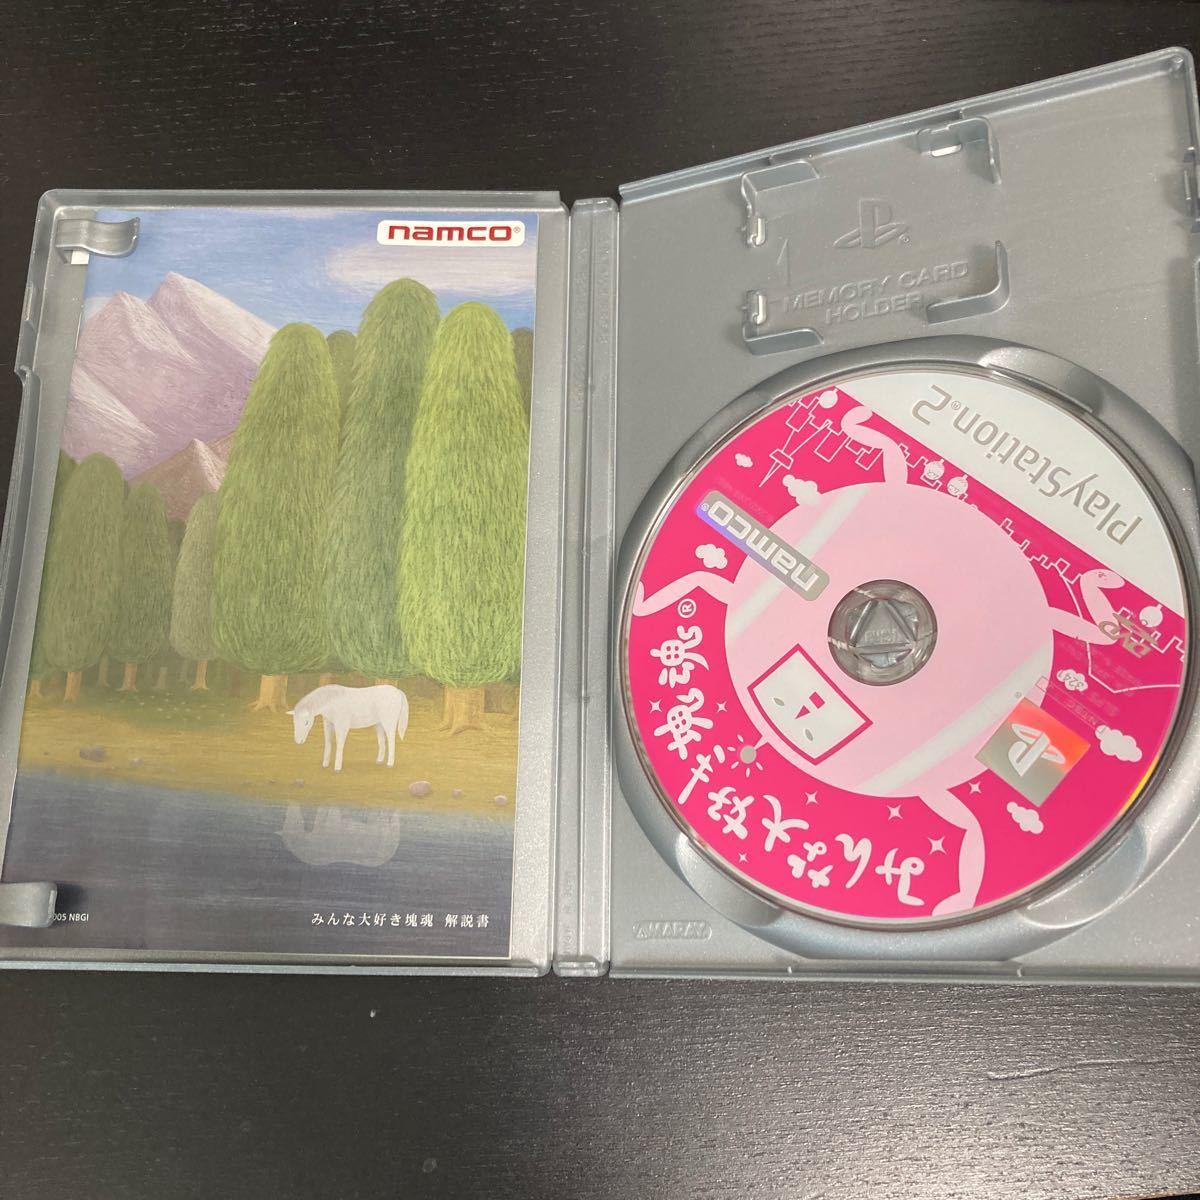 みんな大好き塊魂  PlayStation 2 the Best PS2 大神